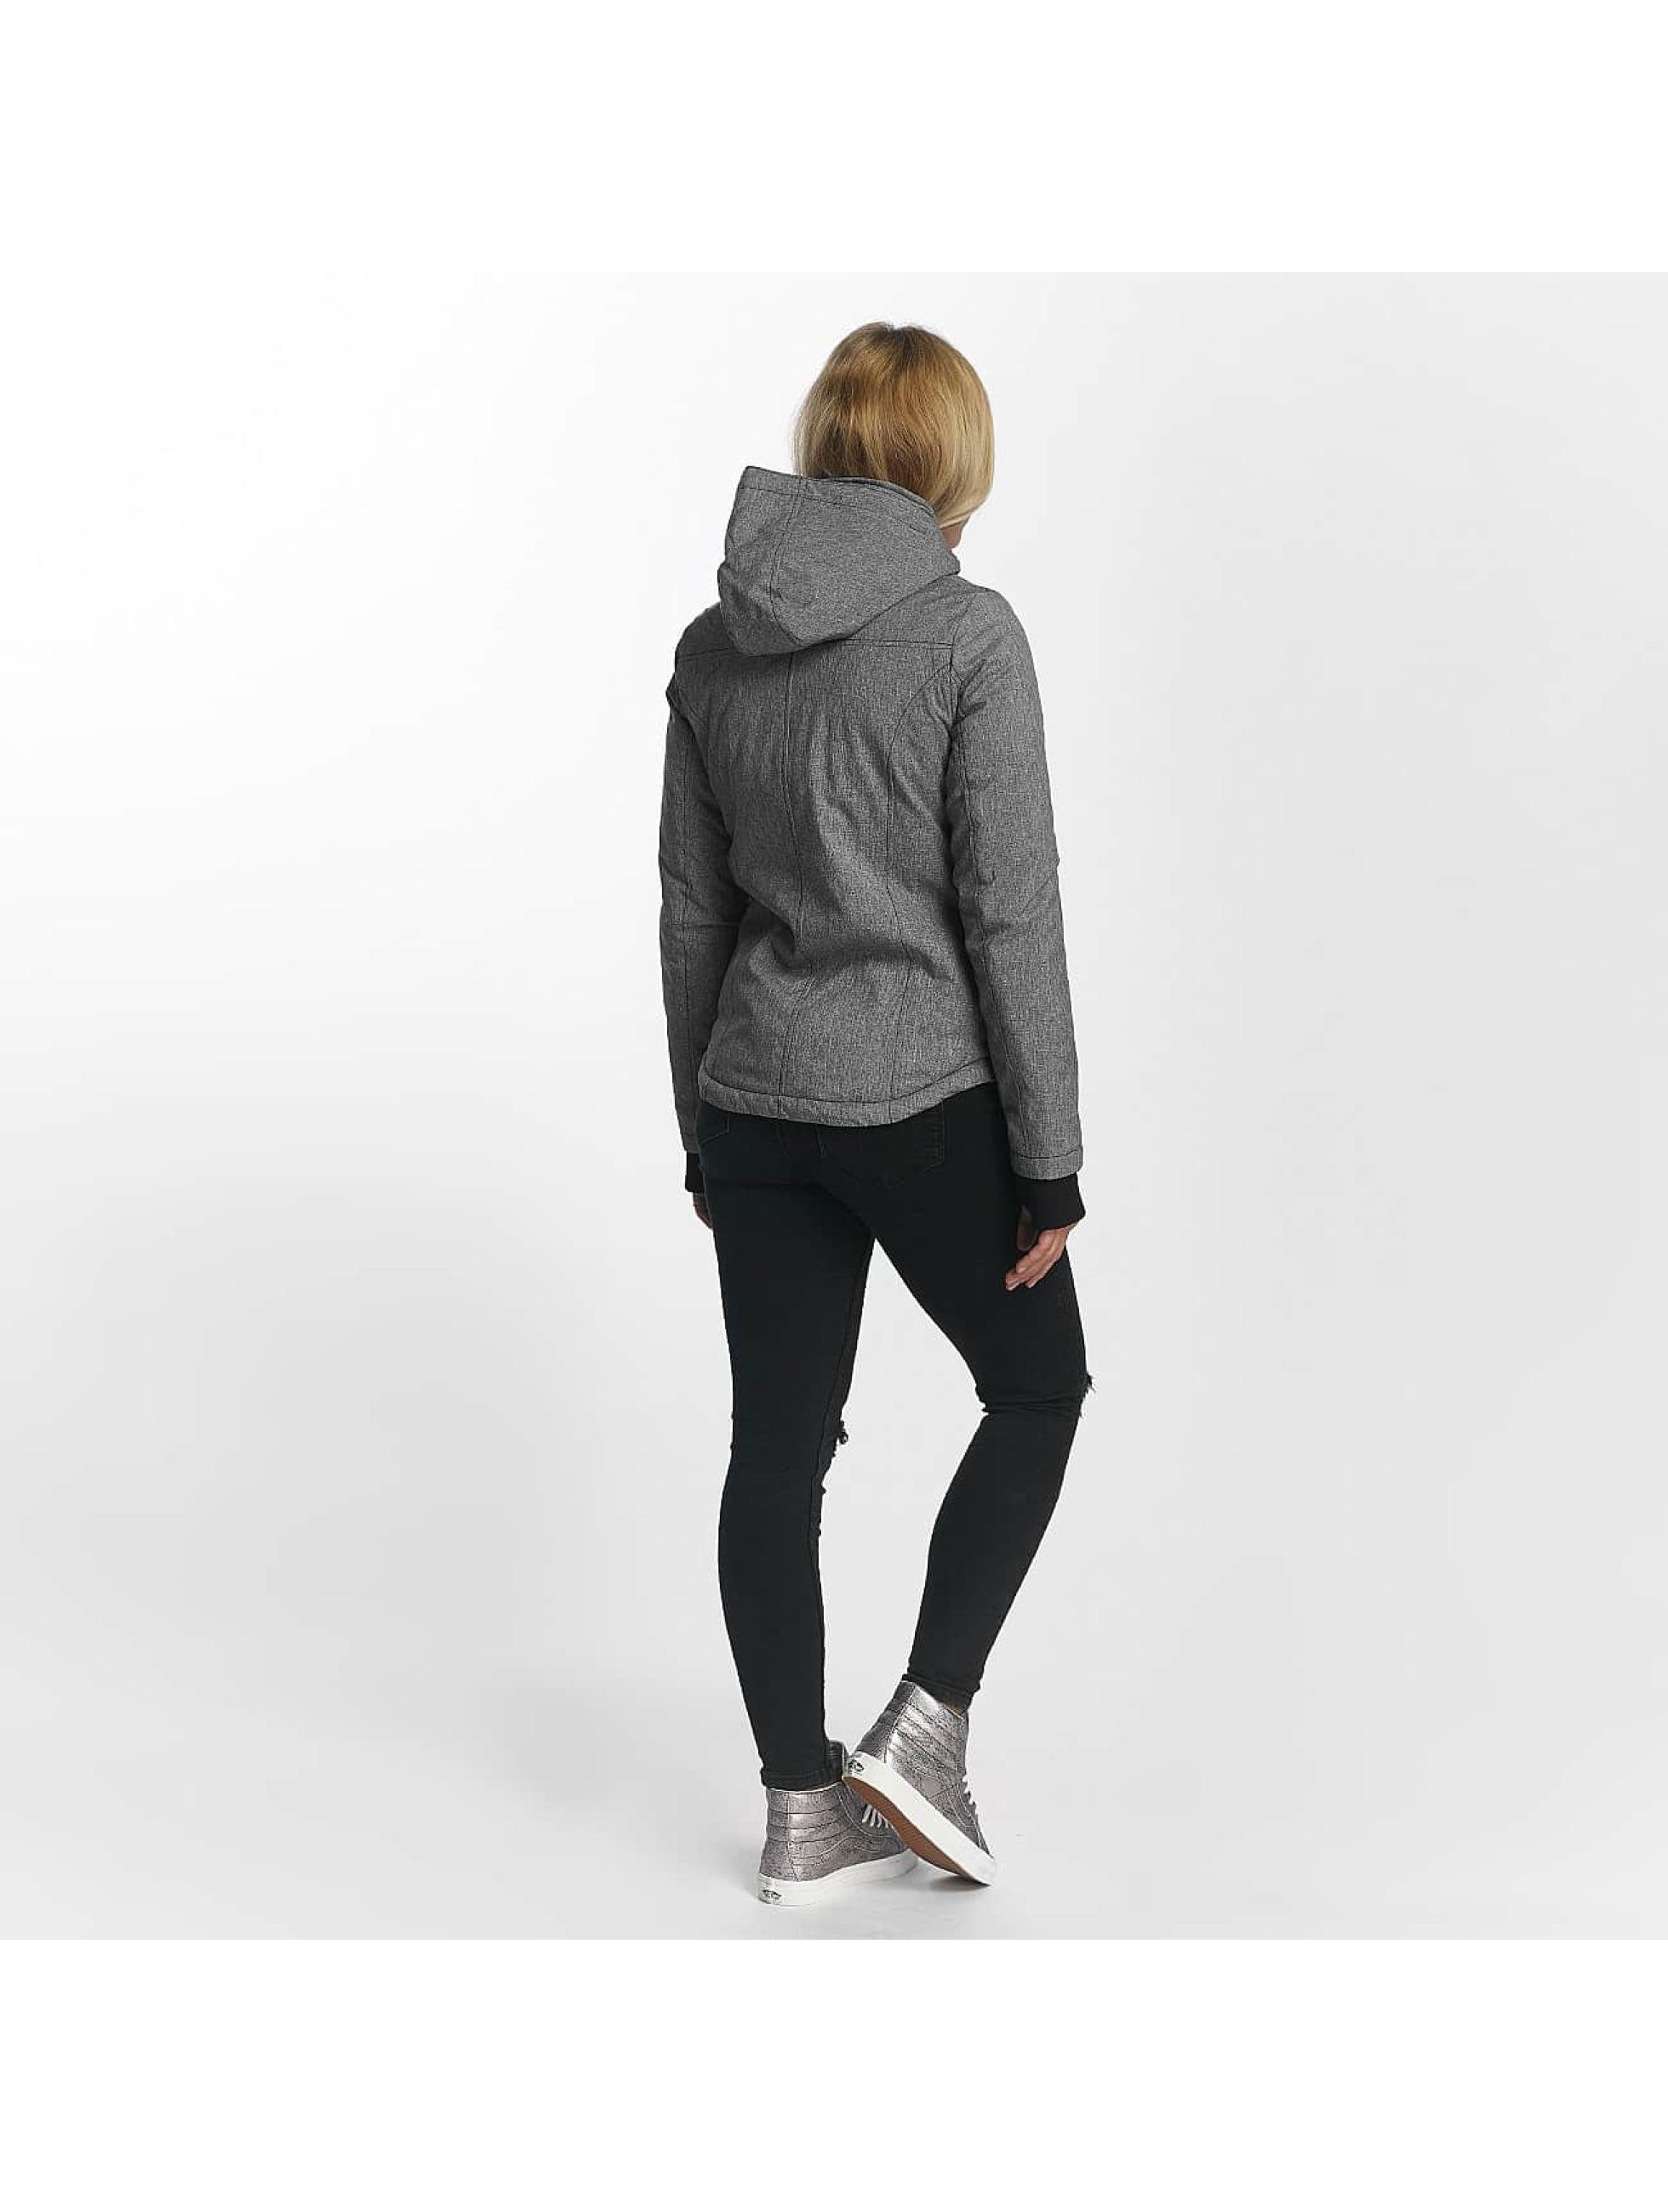 Sublevel Winter Jacket Jacket grey